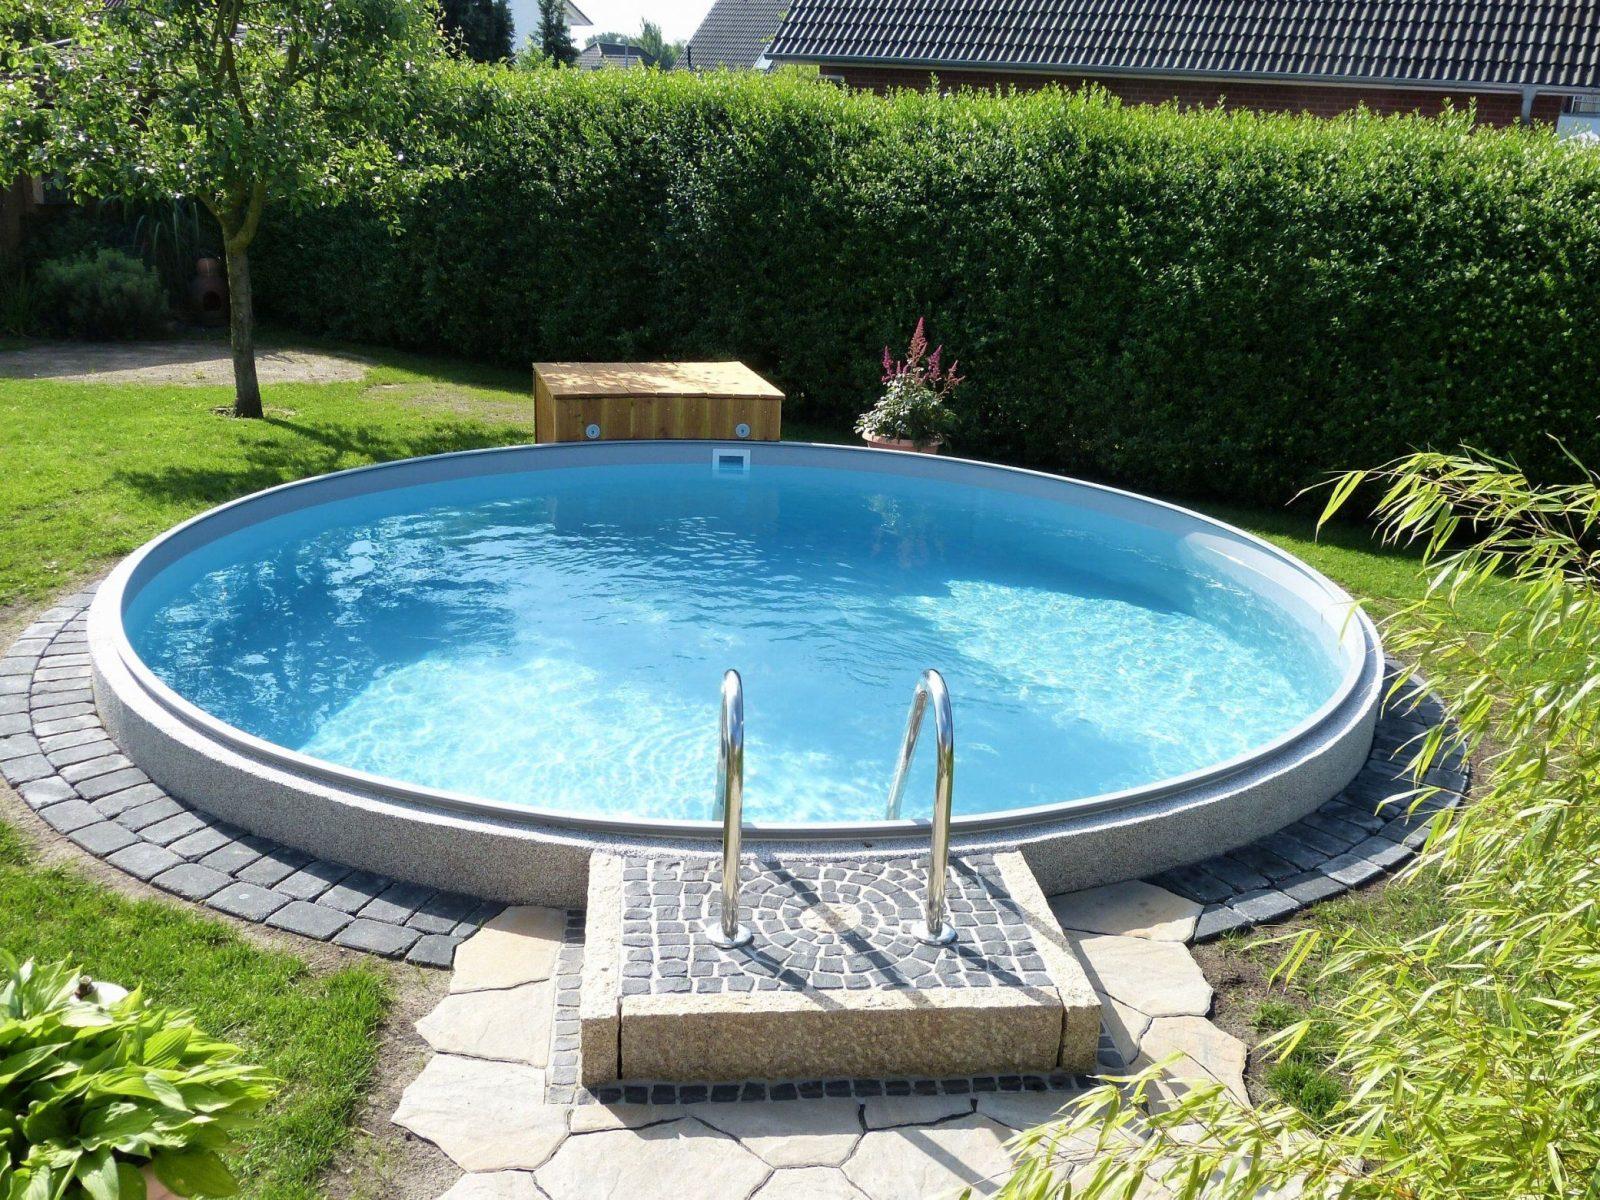 20 Luxus Kosten Für Pool Im Garten  Dedood von Pool Im Garten Kosten Photo